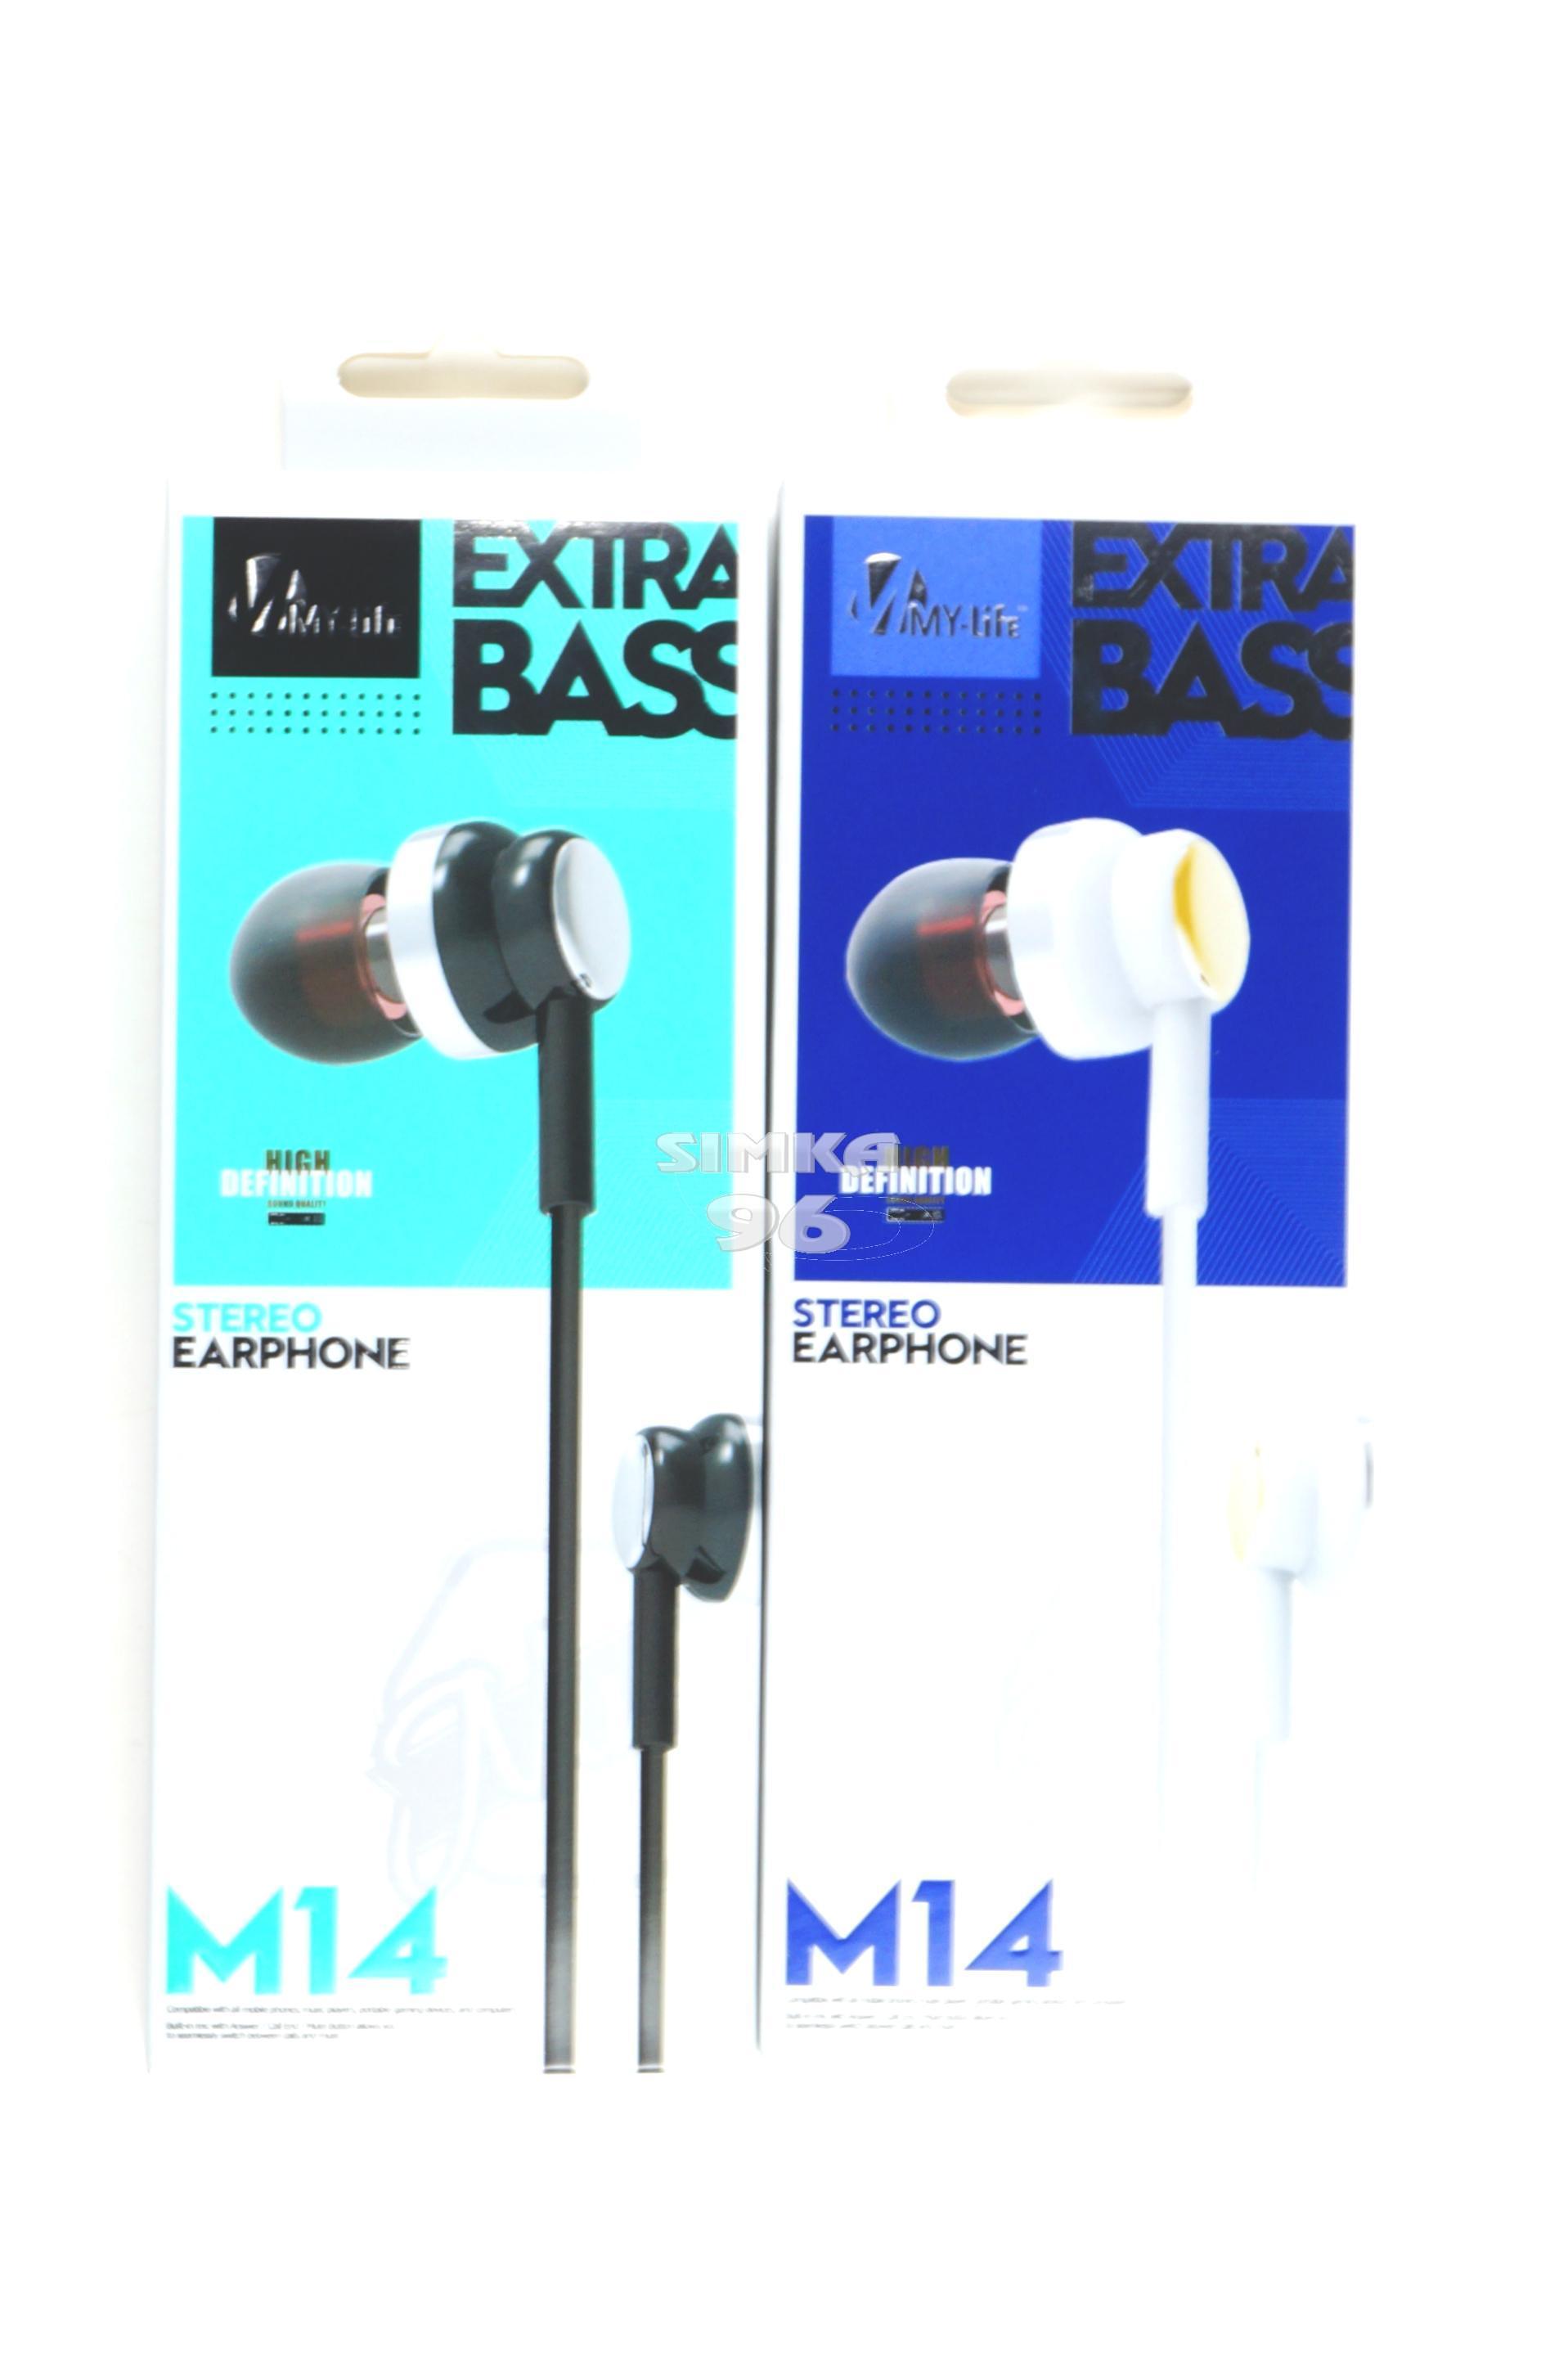 Наушники MY-Life Extra bass M14 вакуумные с микрофоном